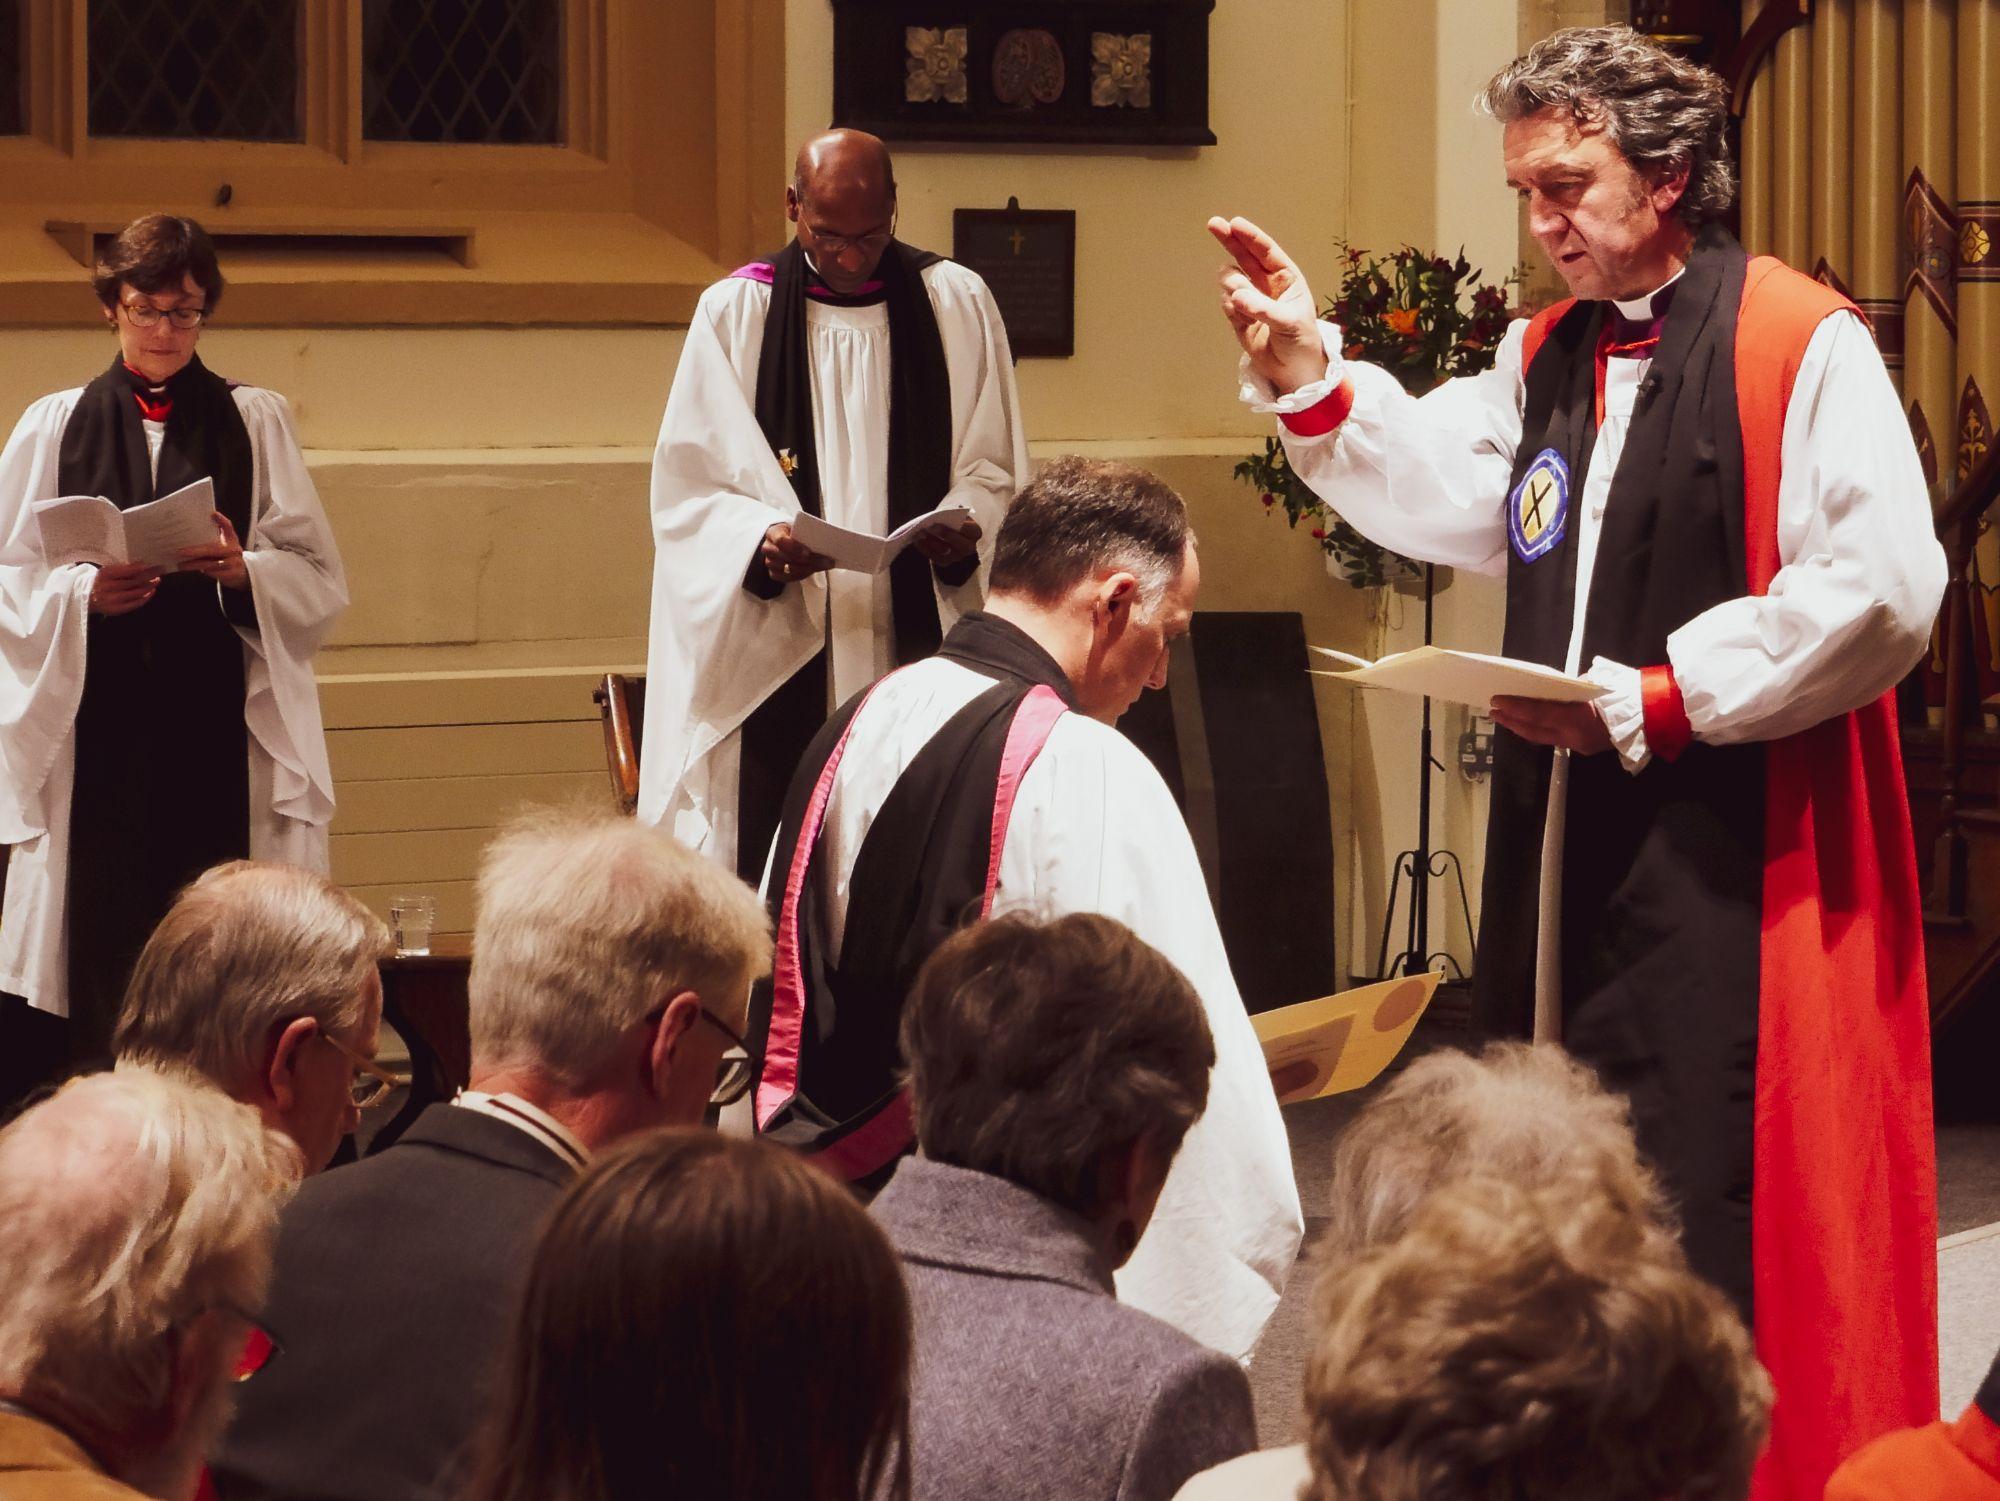 Chris being licensed by Bishop of Ramsbury